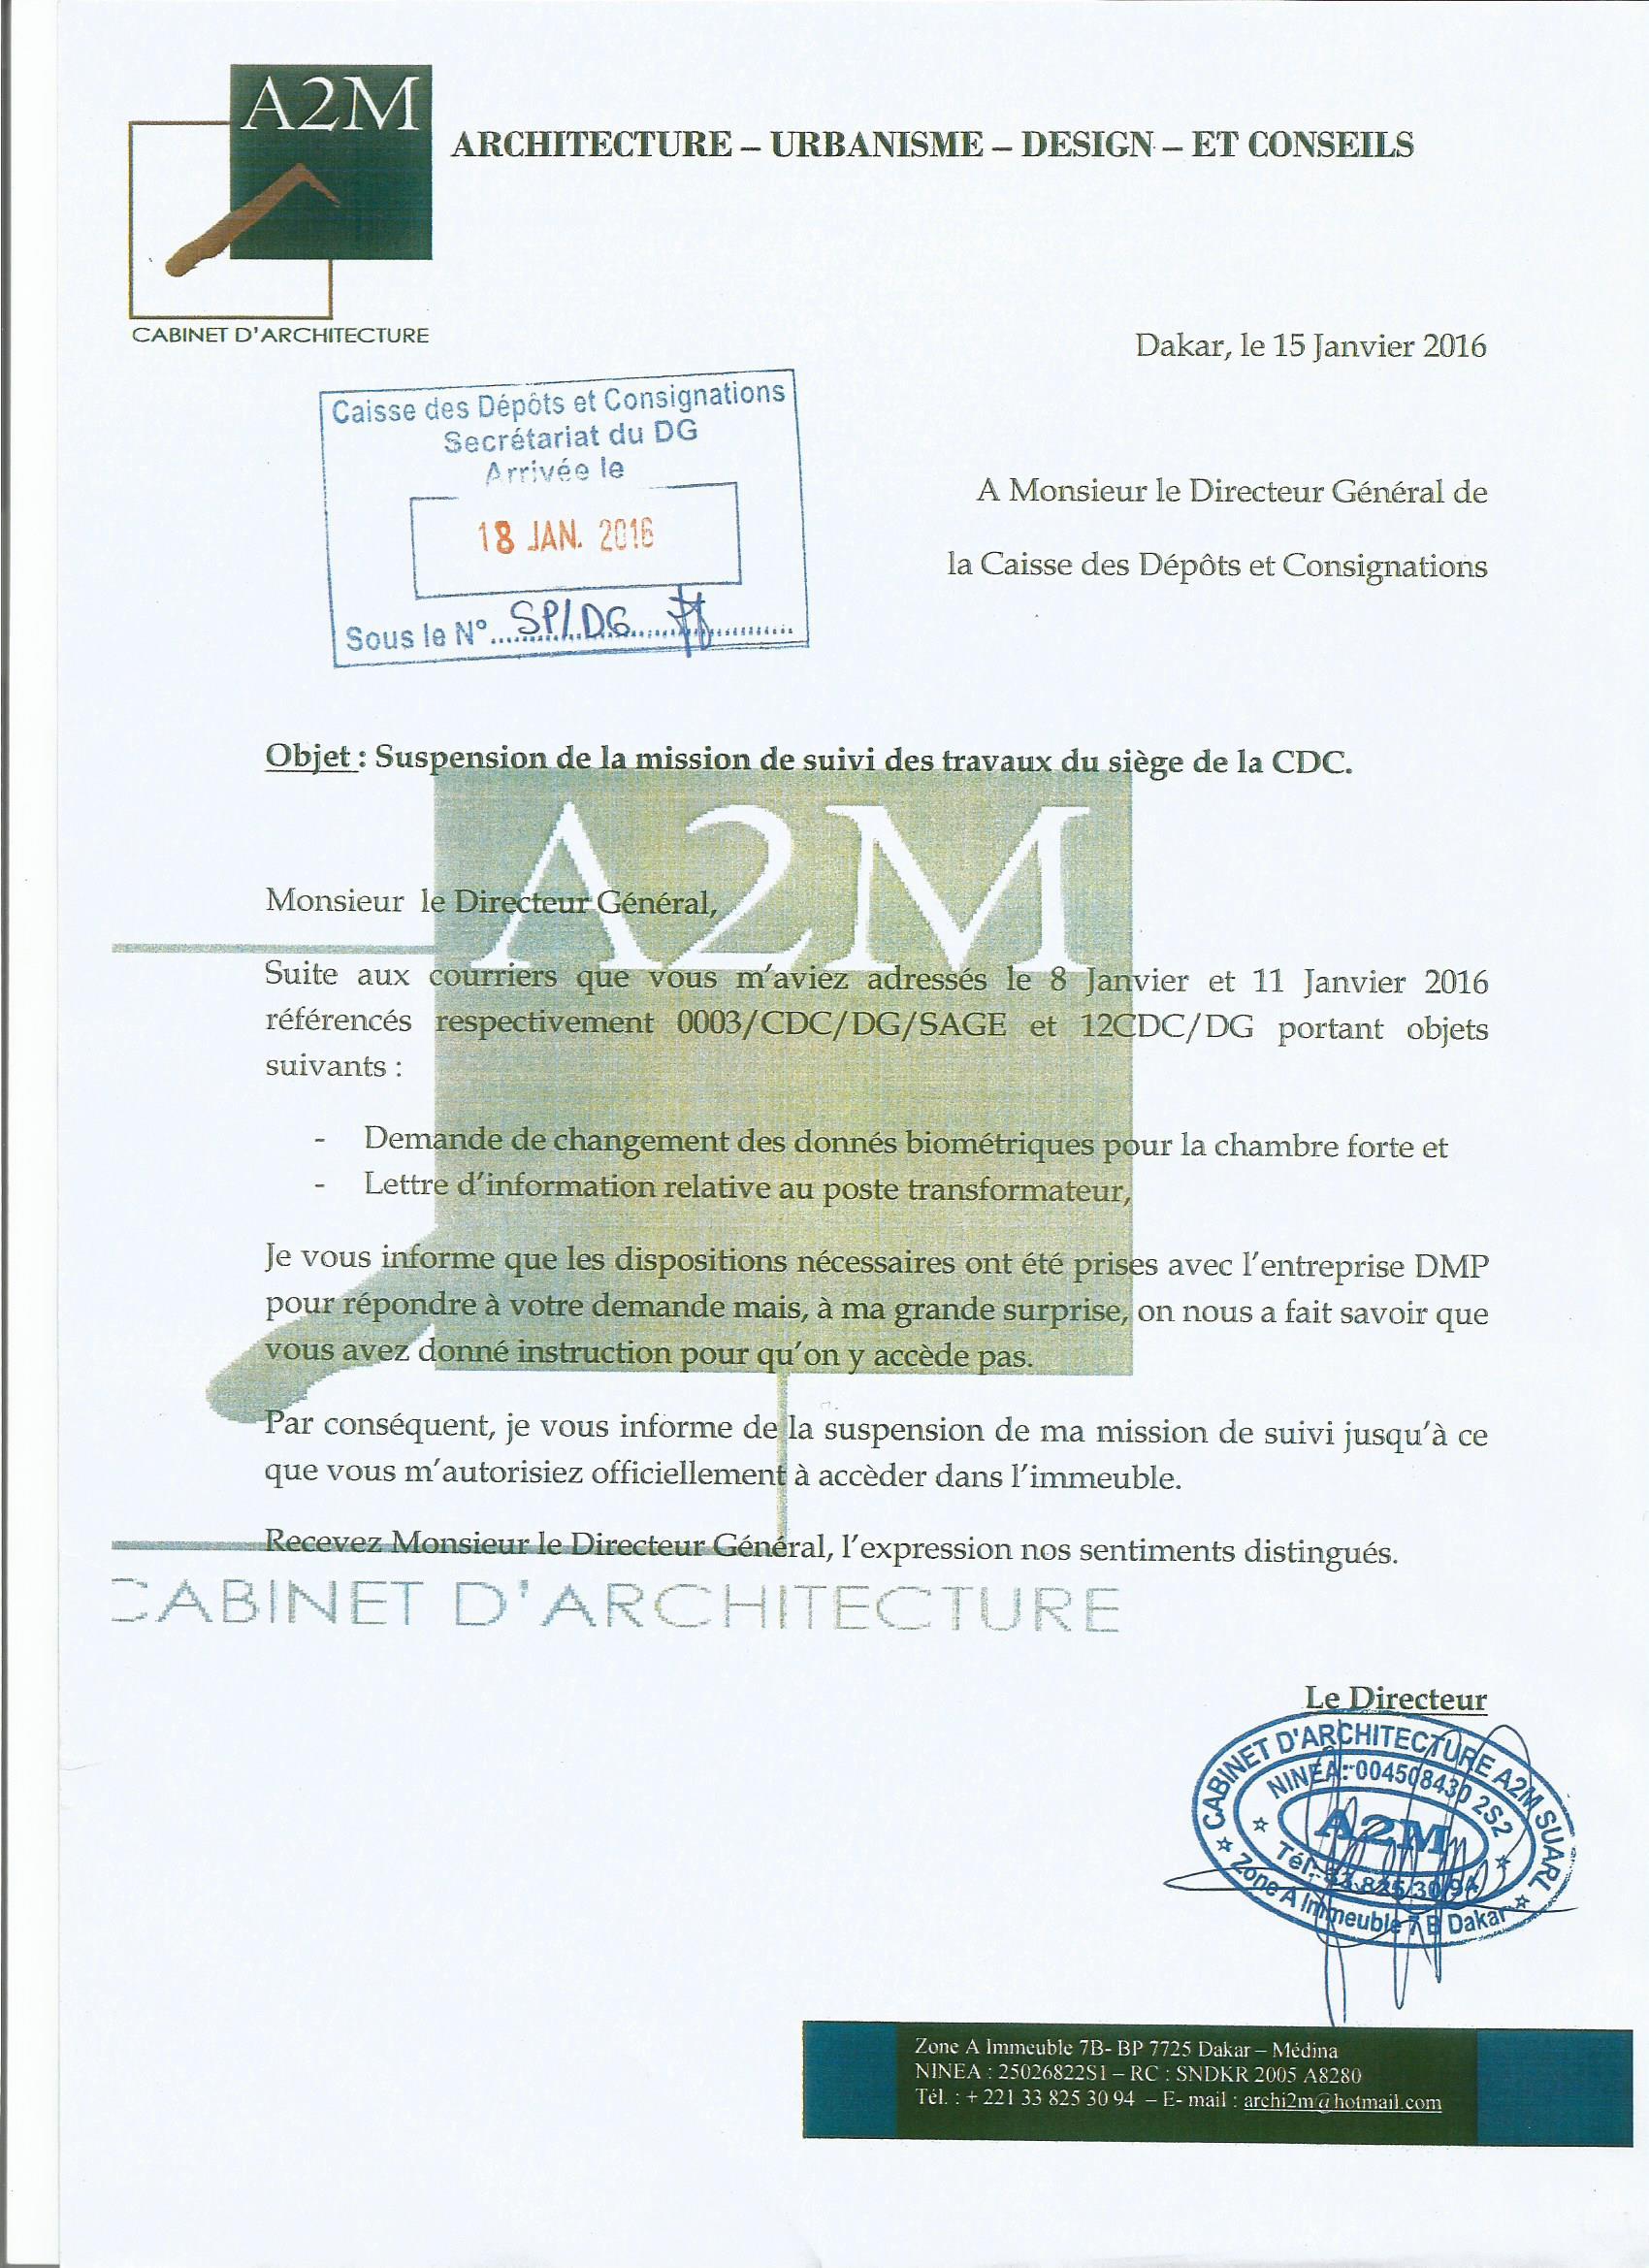 Érection du Siège de la Caisse des Dépôts et Consignations par DPM Constructions : Toute la vérité sur la brouille de 145 millions F Cfa entre le Dg Thierno Niane et le Dg Moustapha Ahmet Amar (Documents)